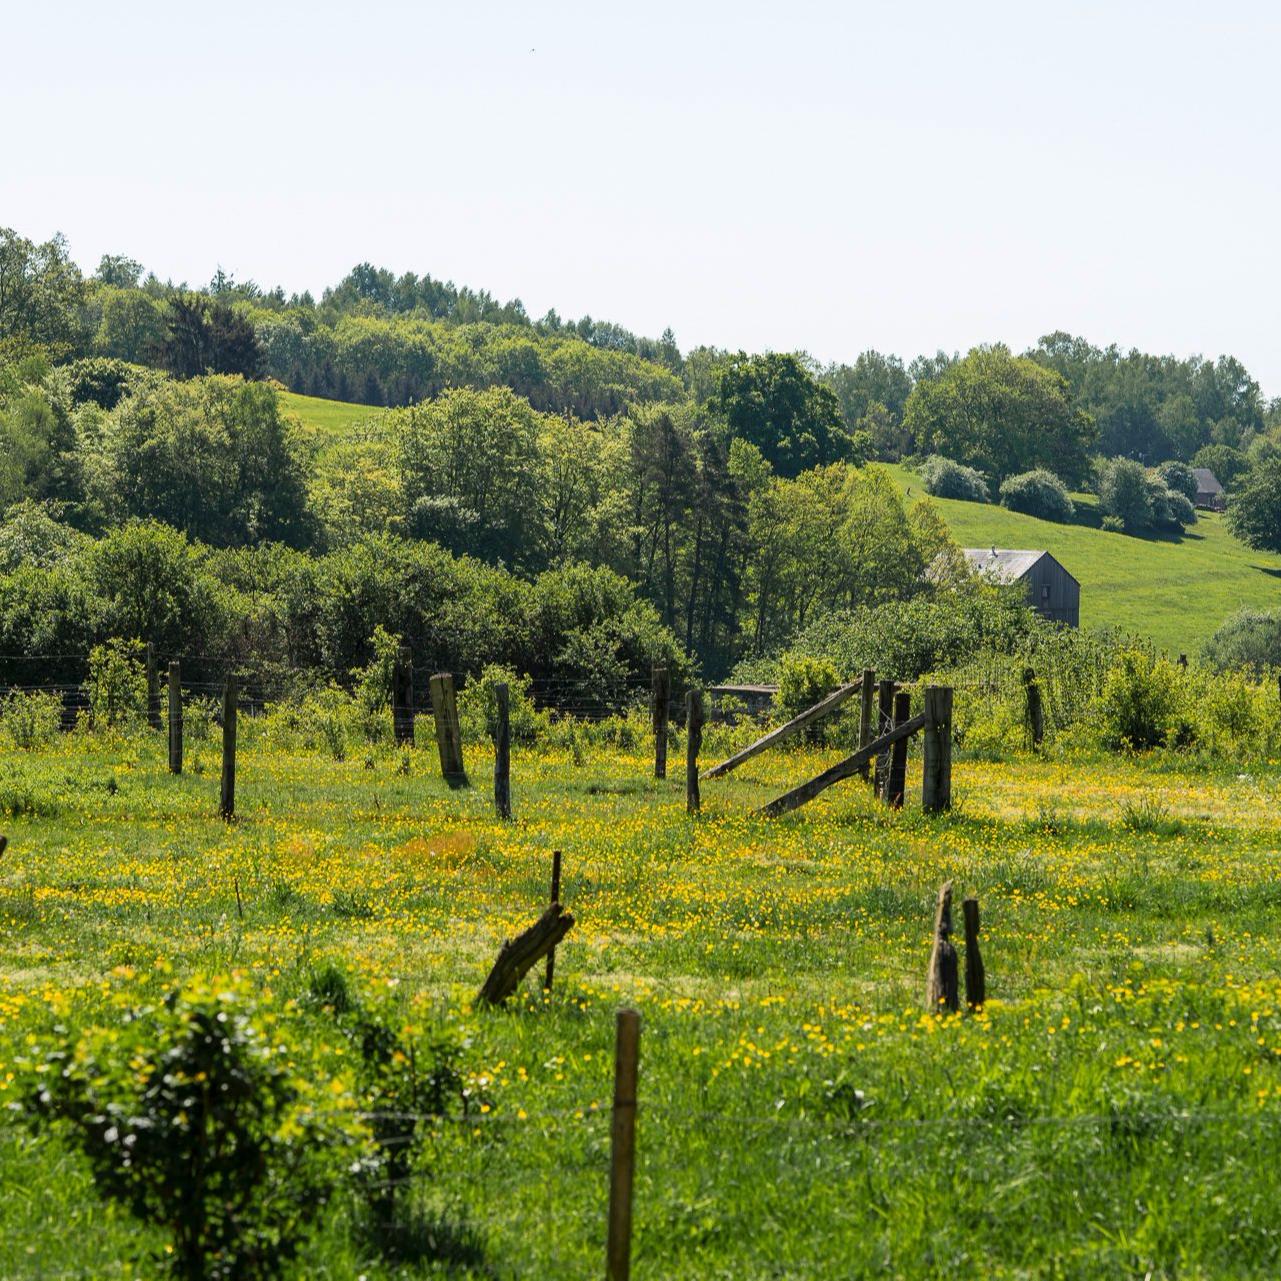 paysage riche en verdure